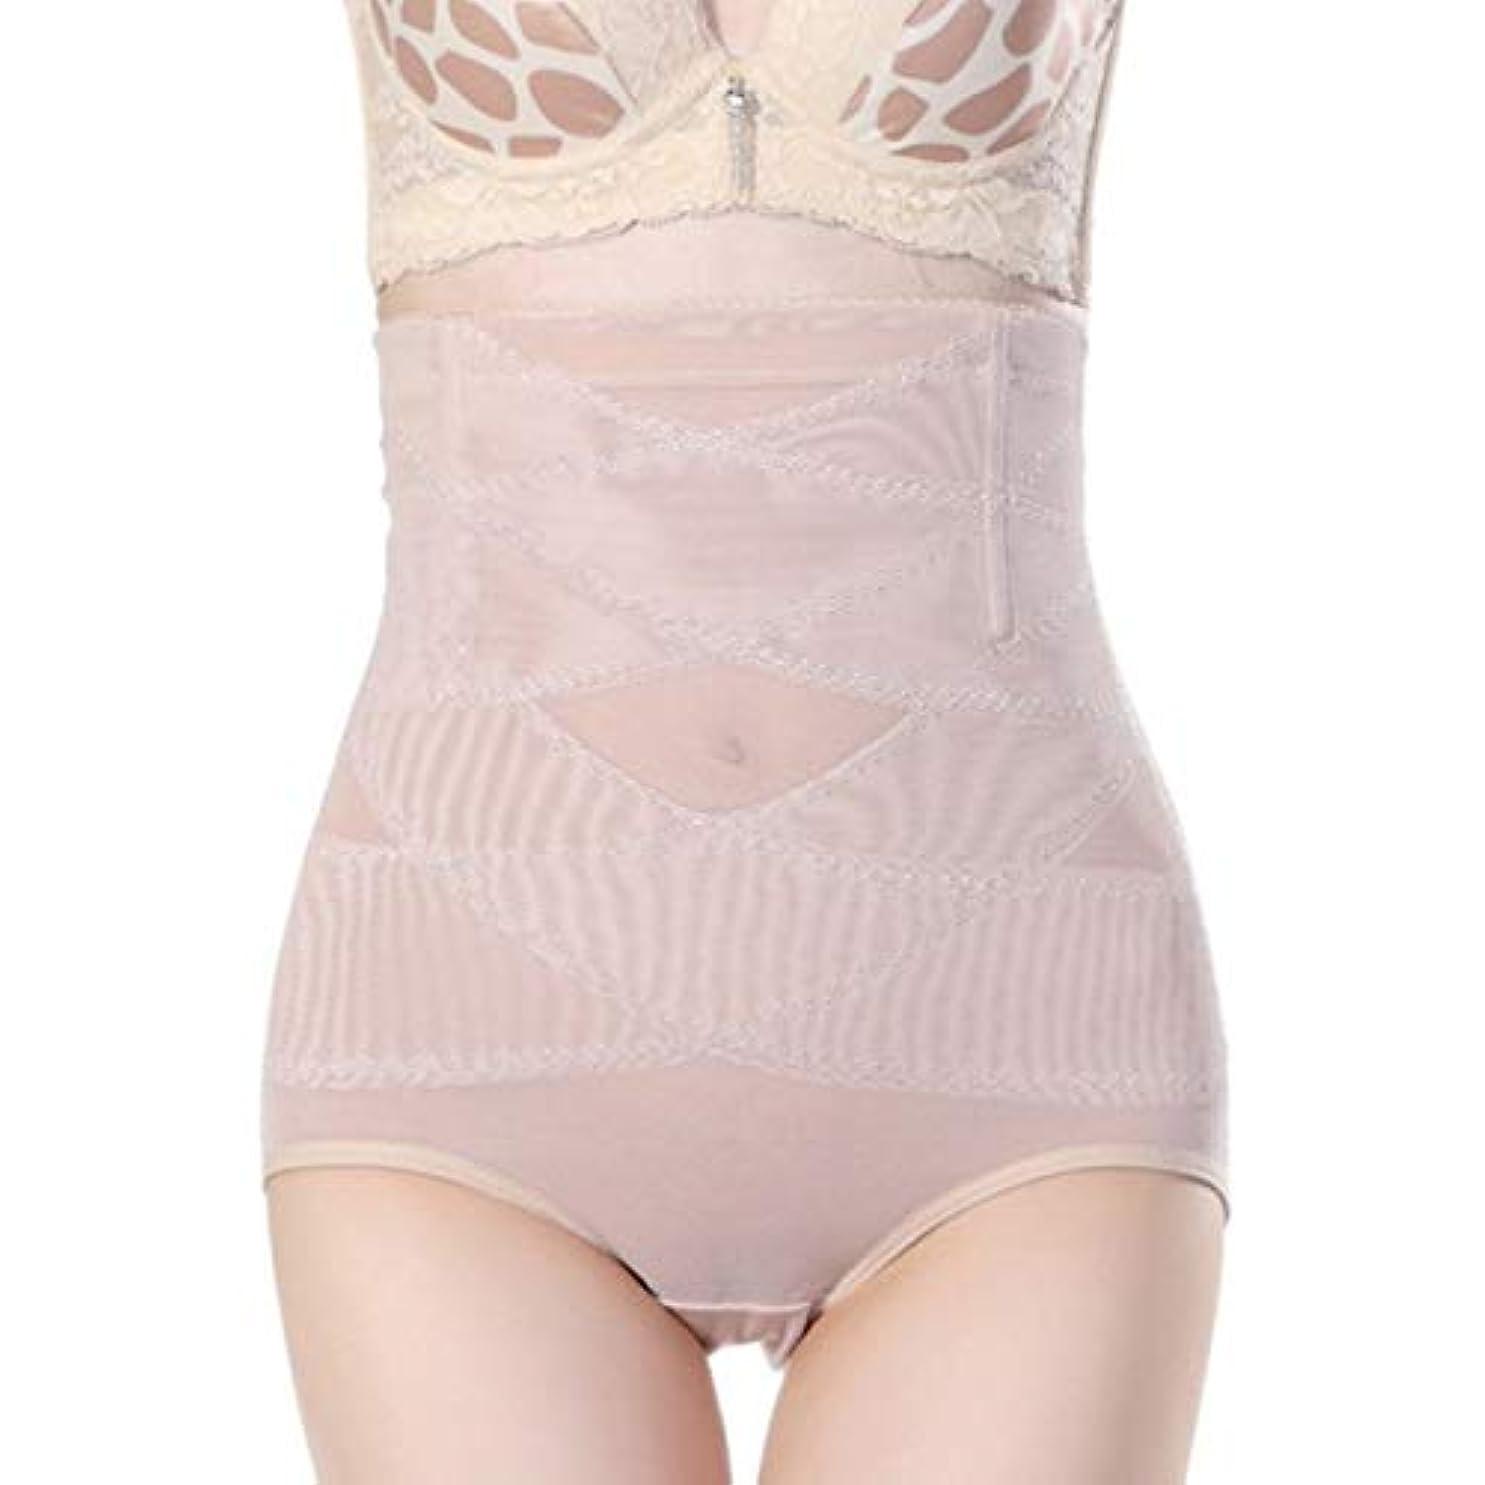 間隔要旨容器腹部制御下着シームレスおなかコントロールパンティーバットリフターボディシェイパーを痩身通気性のハイウエストの女性 - 肌色2 XL